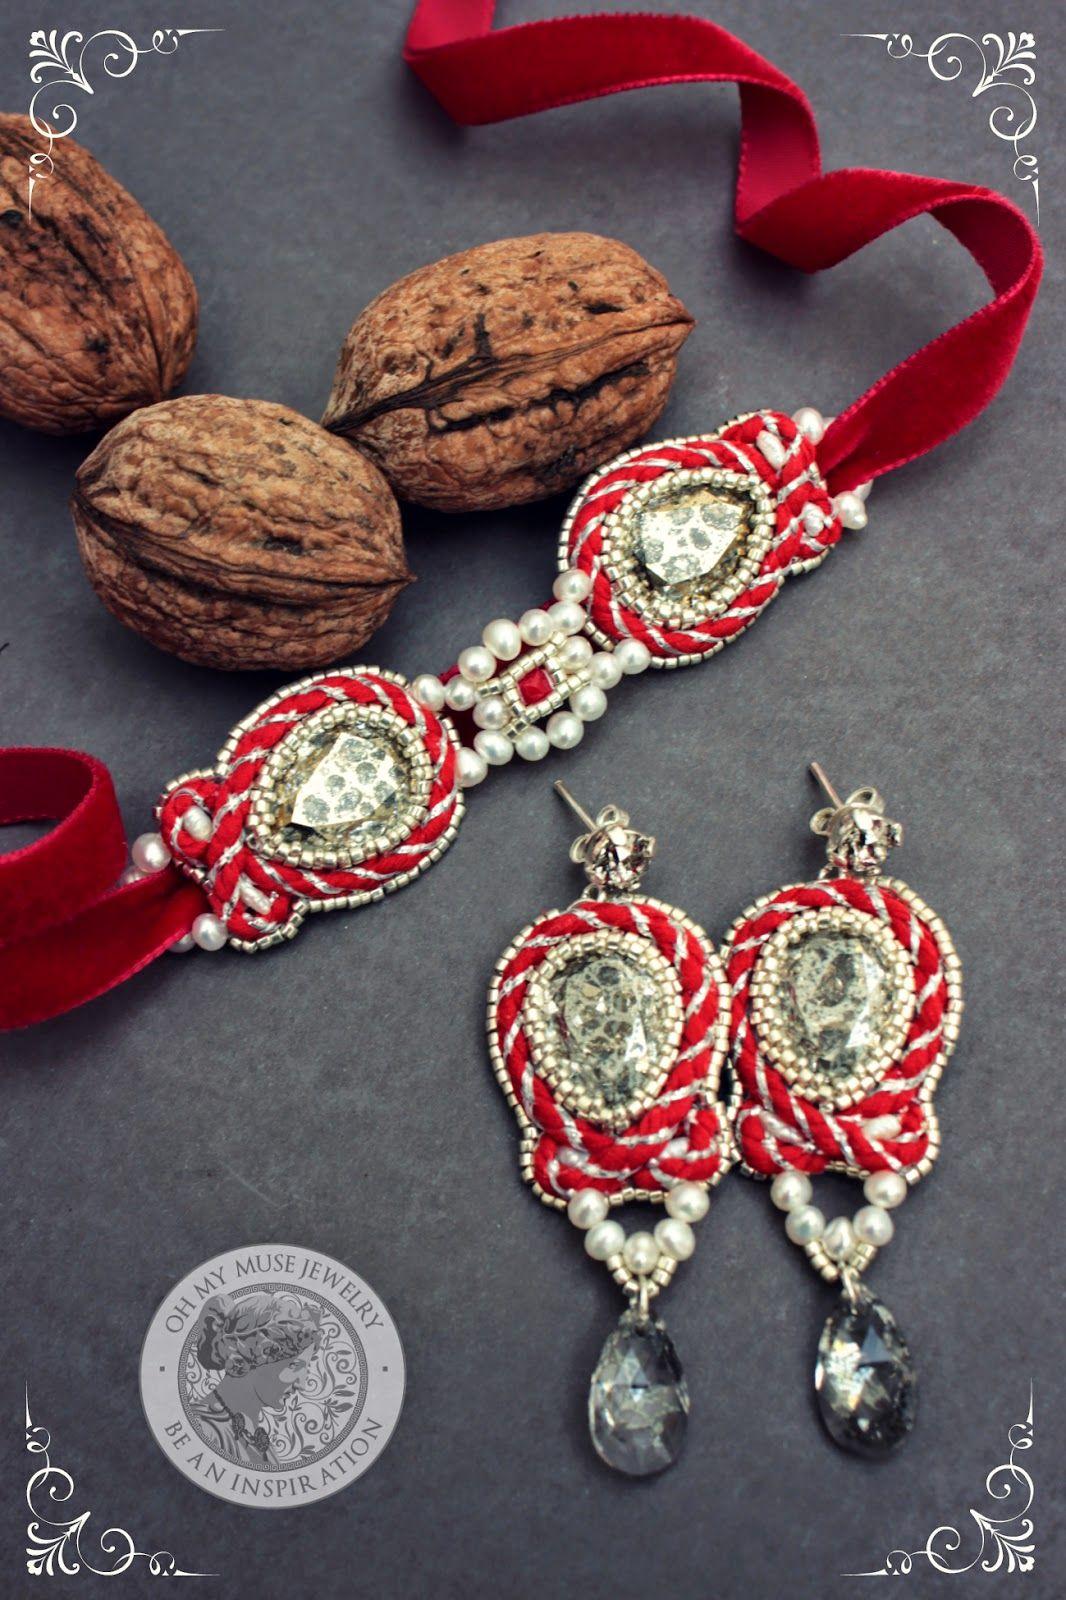 Oh My Muse Jewelry: Ultime creazioni, lo sconto natalizio e altre novi...